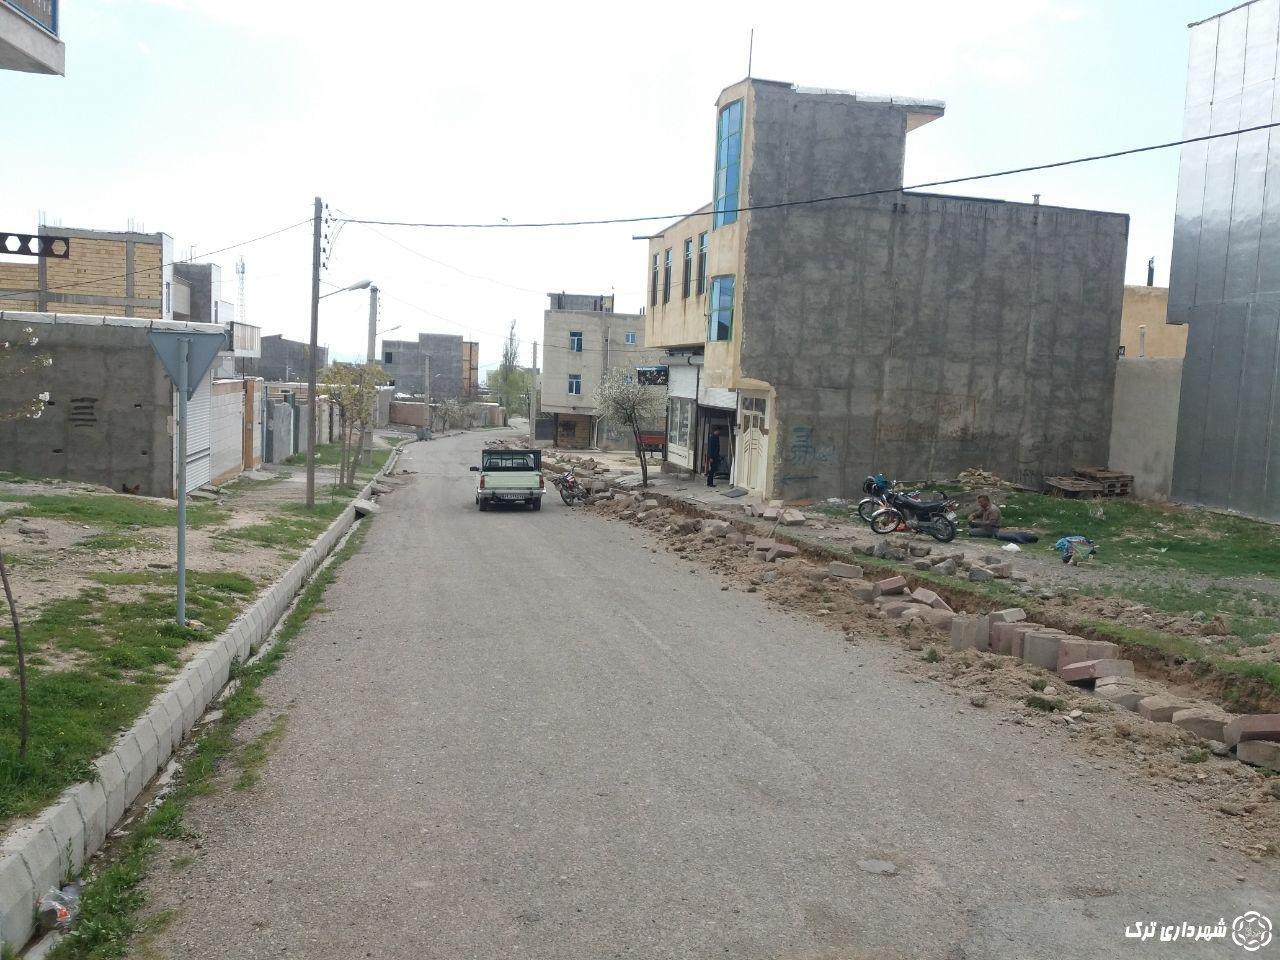 شروع عملیات اصلاح جدول کشی و زیر سازی و آسفالت ریزی خیابان شهید میرعظیمی